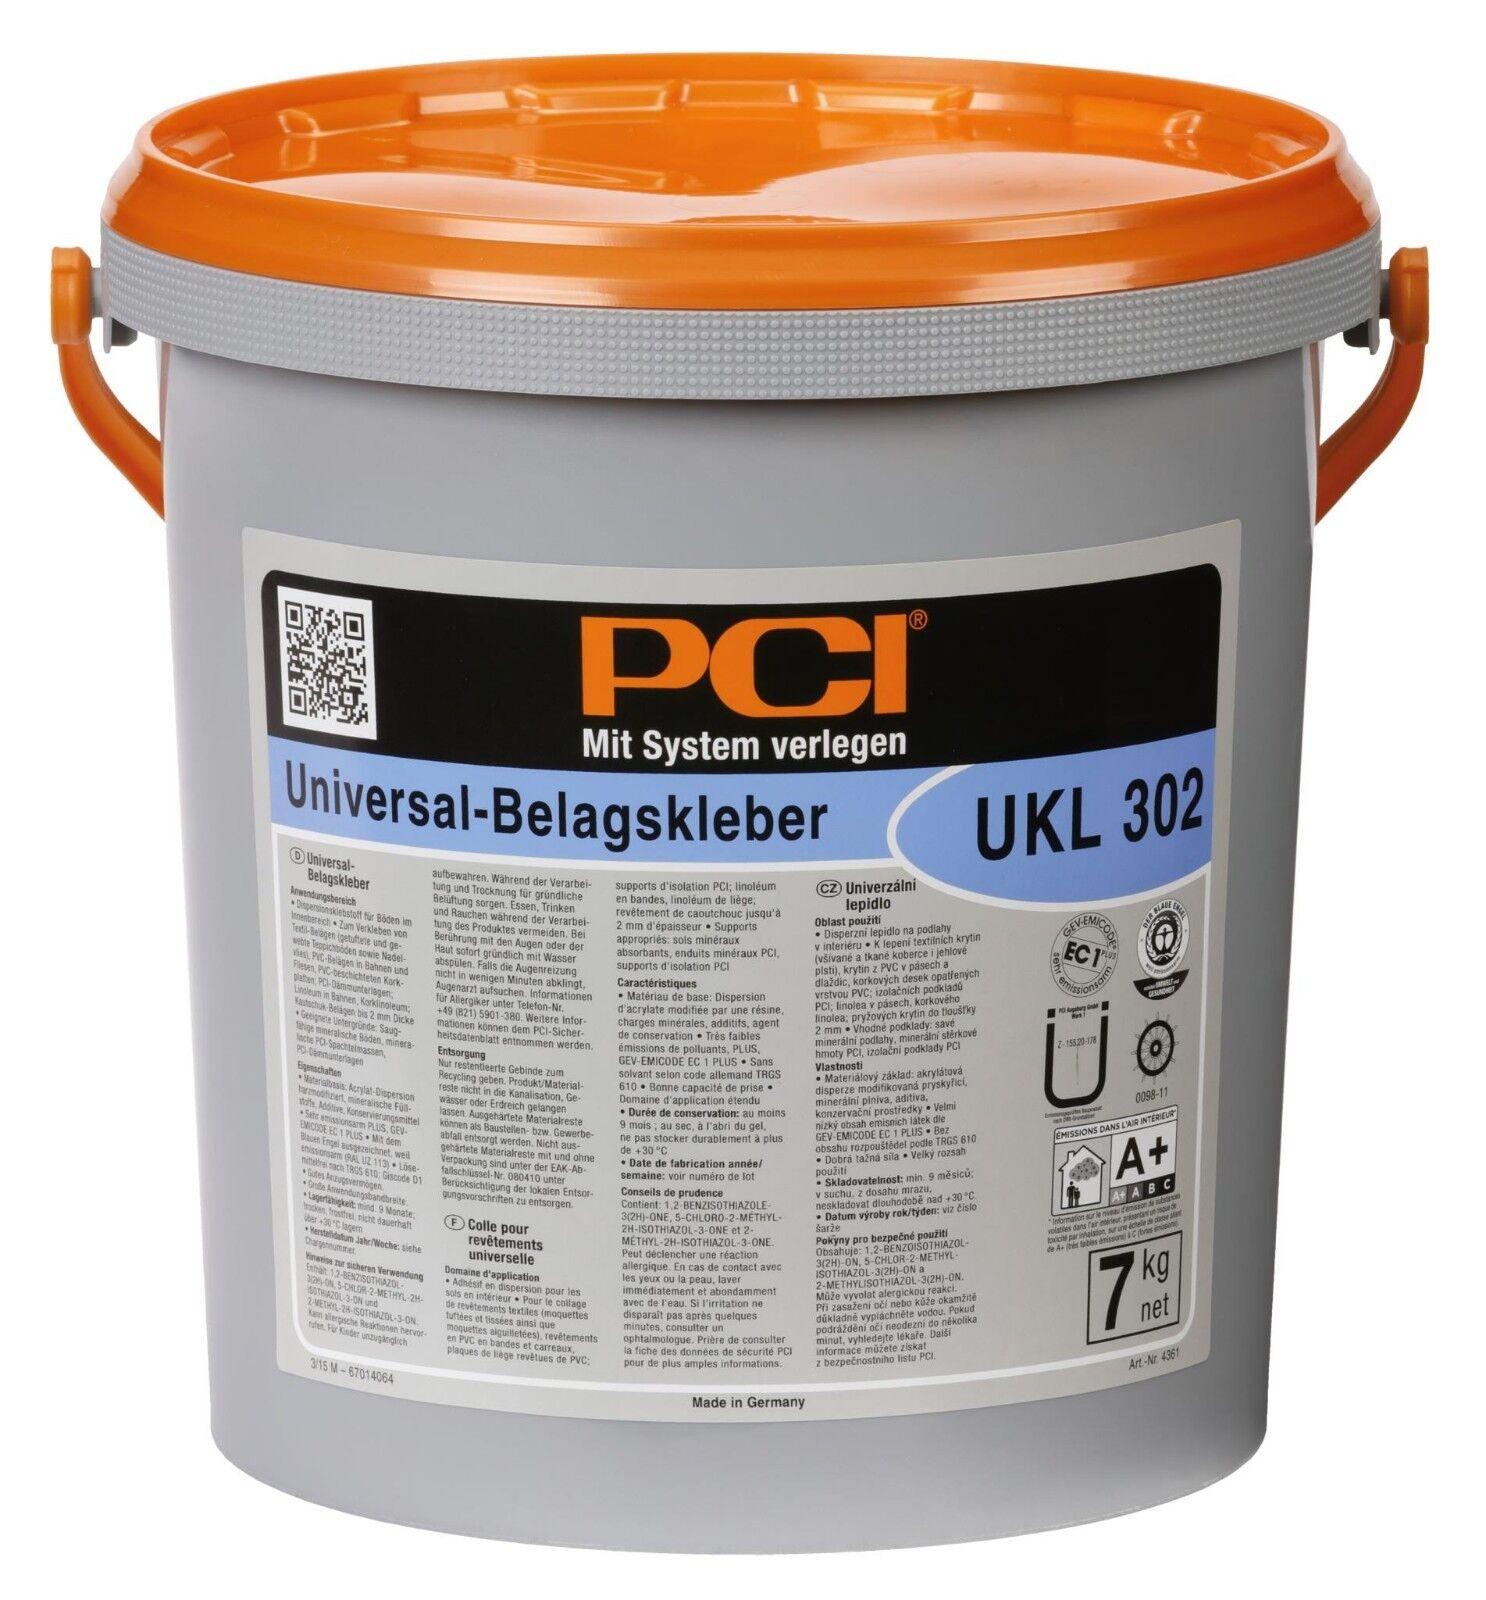 PCI Ukl 302 Universal-Belagskleber Dispersions-Klebstoff für Innen-Flächen 7 kg